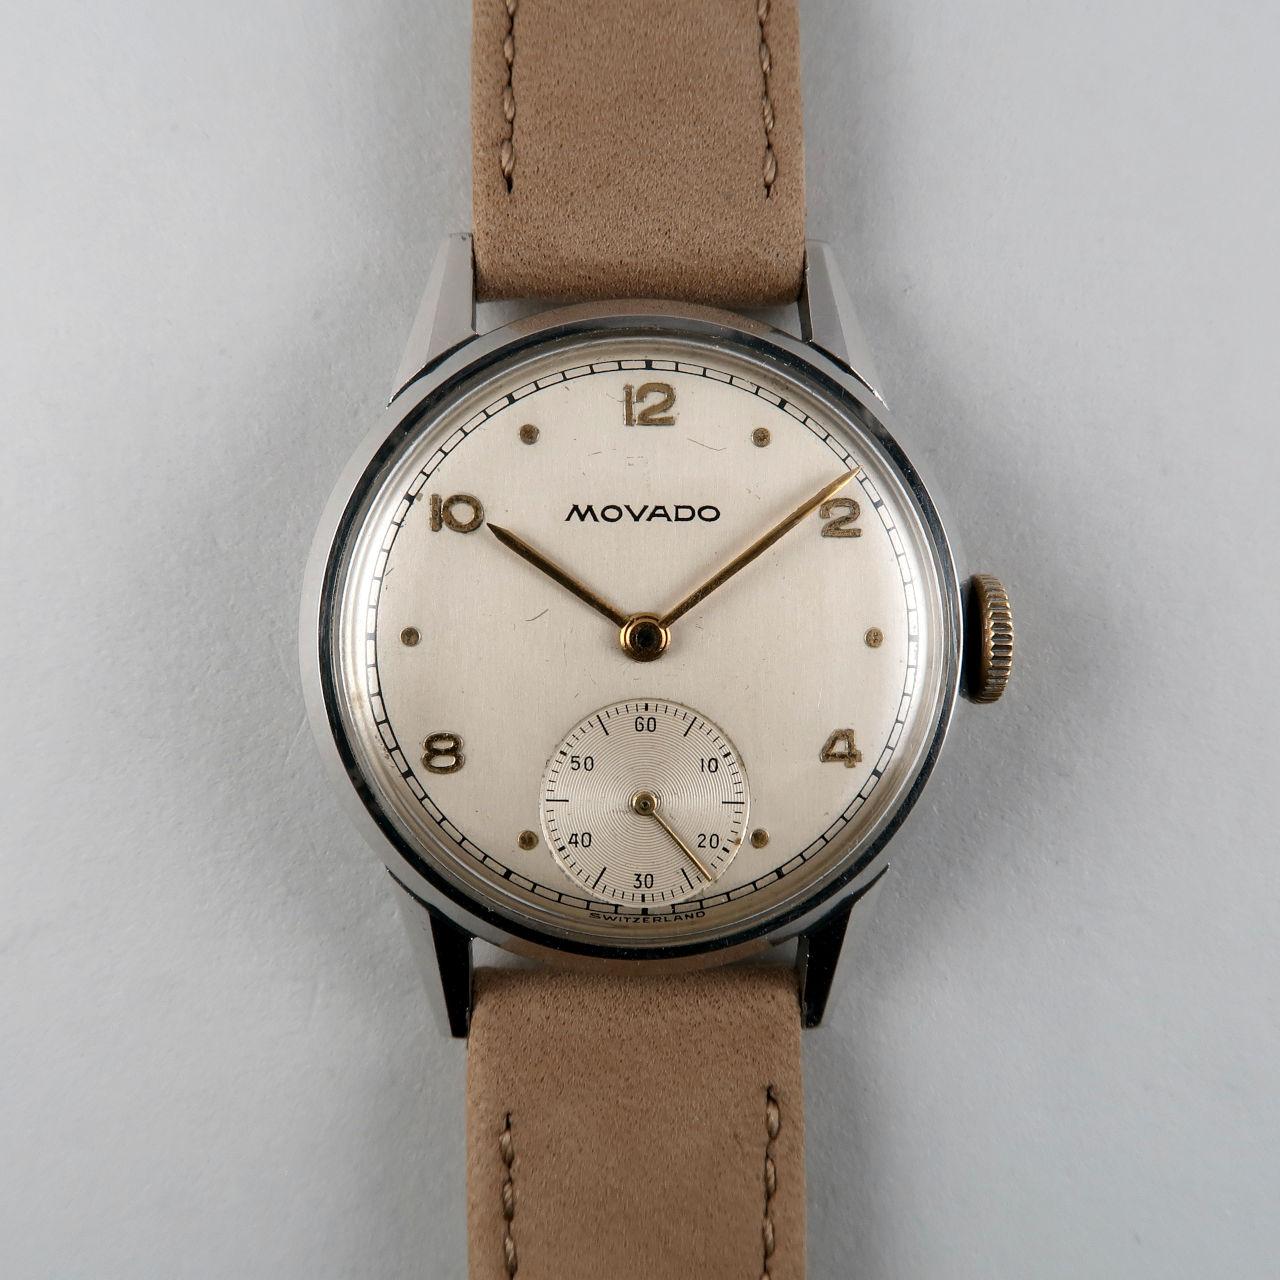 Movado Ref. 18101 circa 1951 | steel vintage hand wound wristwatch